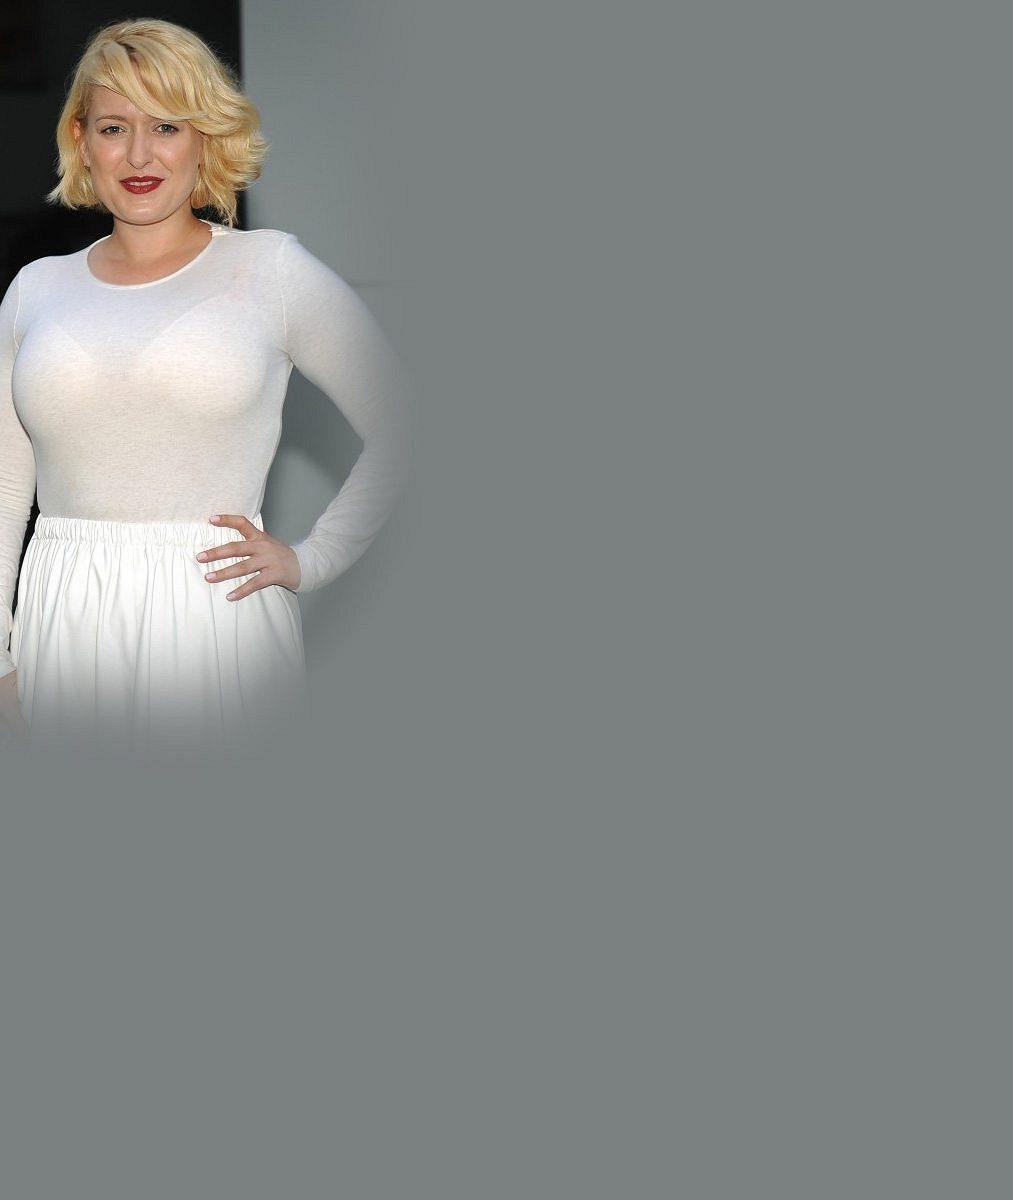 Kdyby dostala zaplaceno, mohla by jet na půl roku do Thajska: České Marilyn dluží filmové produkce 150 tisíc